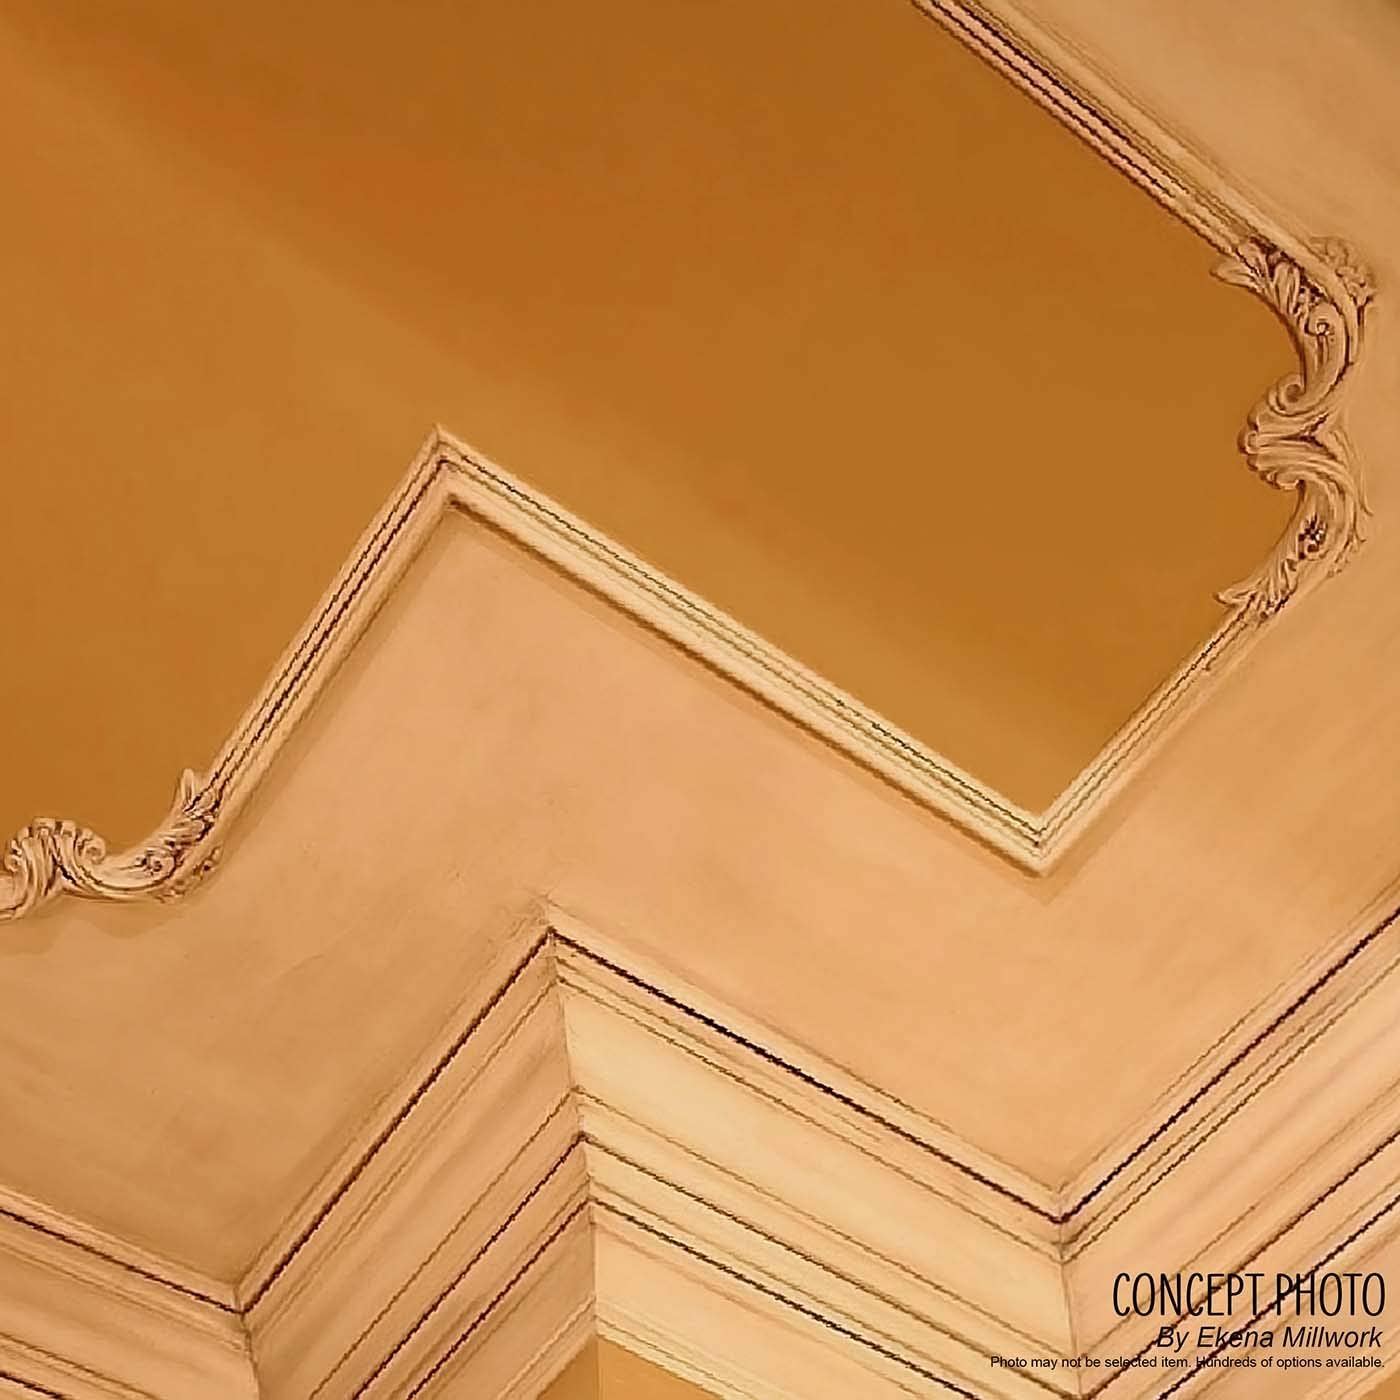 Ekena Millwork PML01X00AB-CASE-8 Panel Moulding Factory Primed 8-Pack 1 1//2H x 3//4P x 94 1//4L 8 Piece